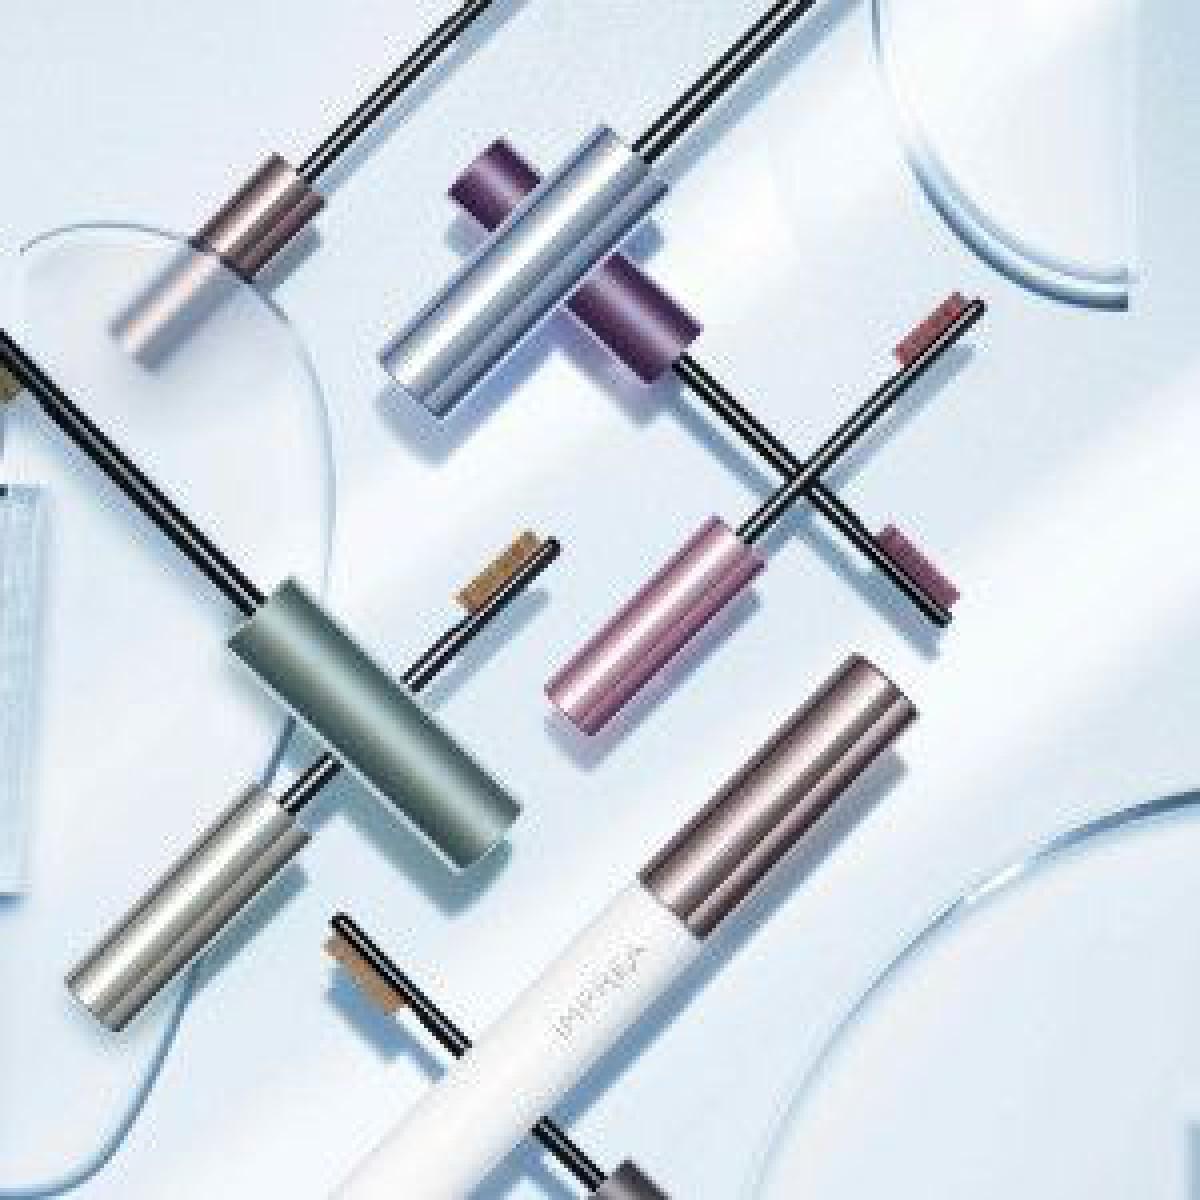 コーセー×ミルボンのサロン専売ブランド「インプレア」 ヘアスタイリング目線の眉マスカラを発売